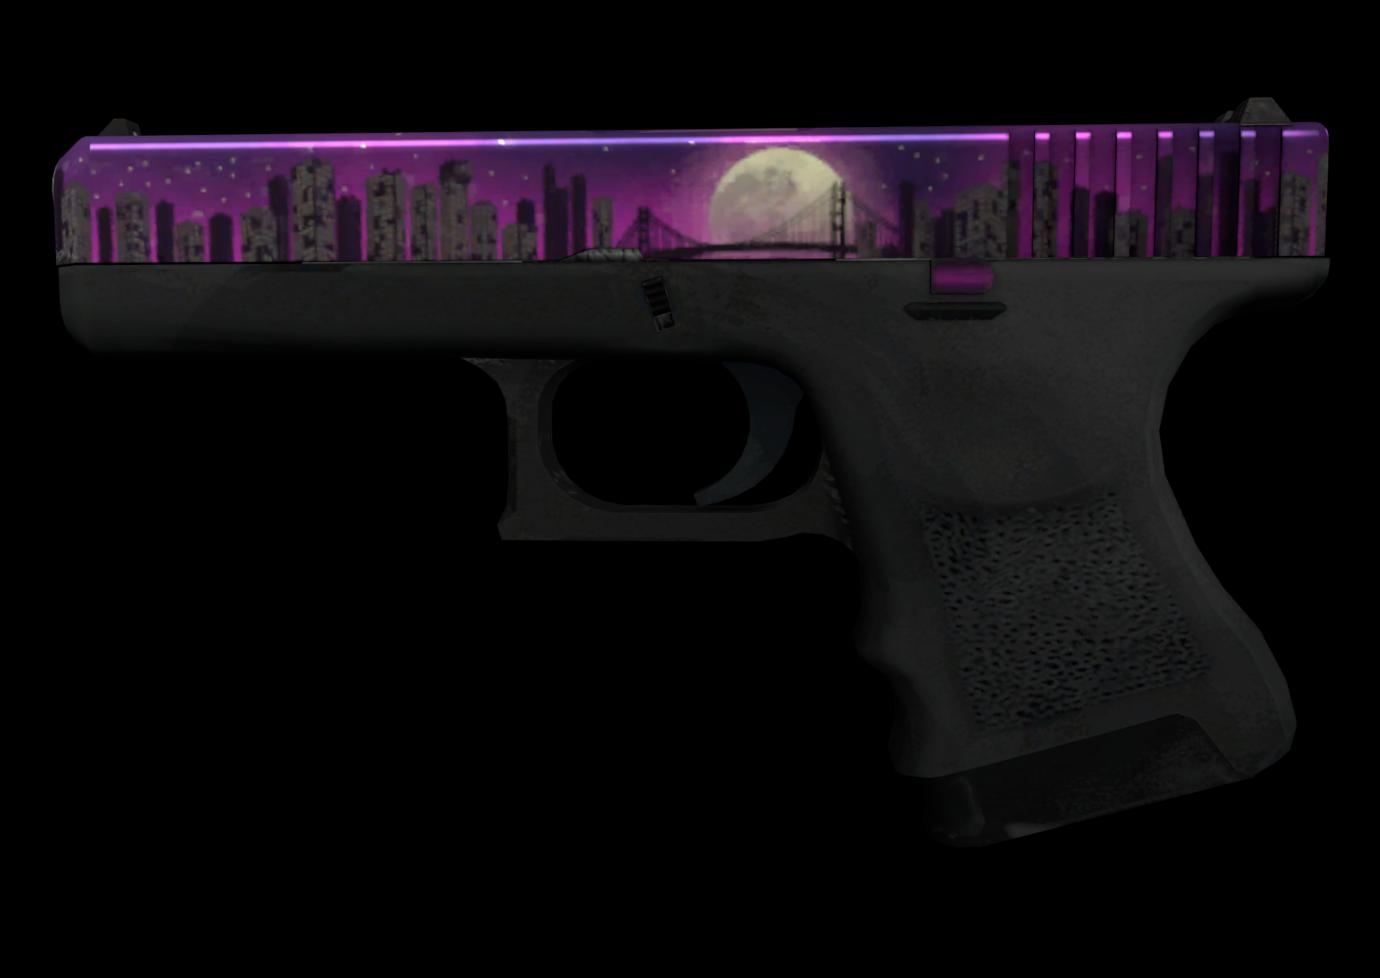 Glock-18 | Лунная ночь — цены, описание скина и паттернов в CS:GO на  CS.MONEY Wiki